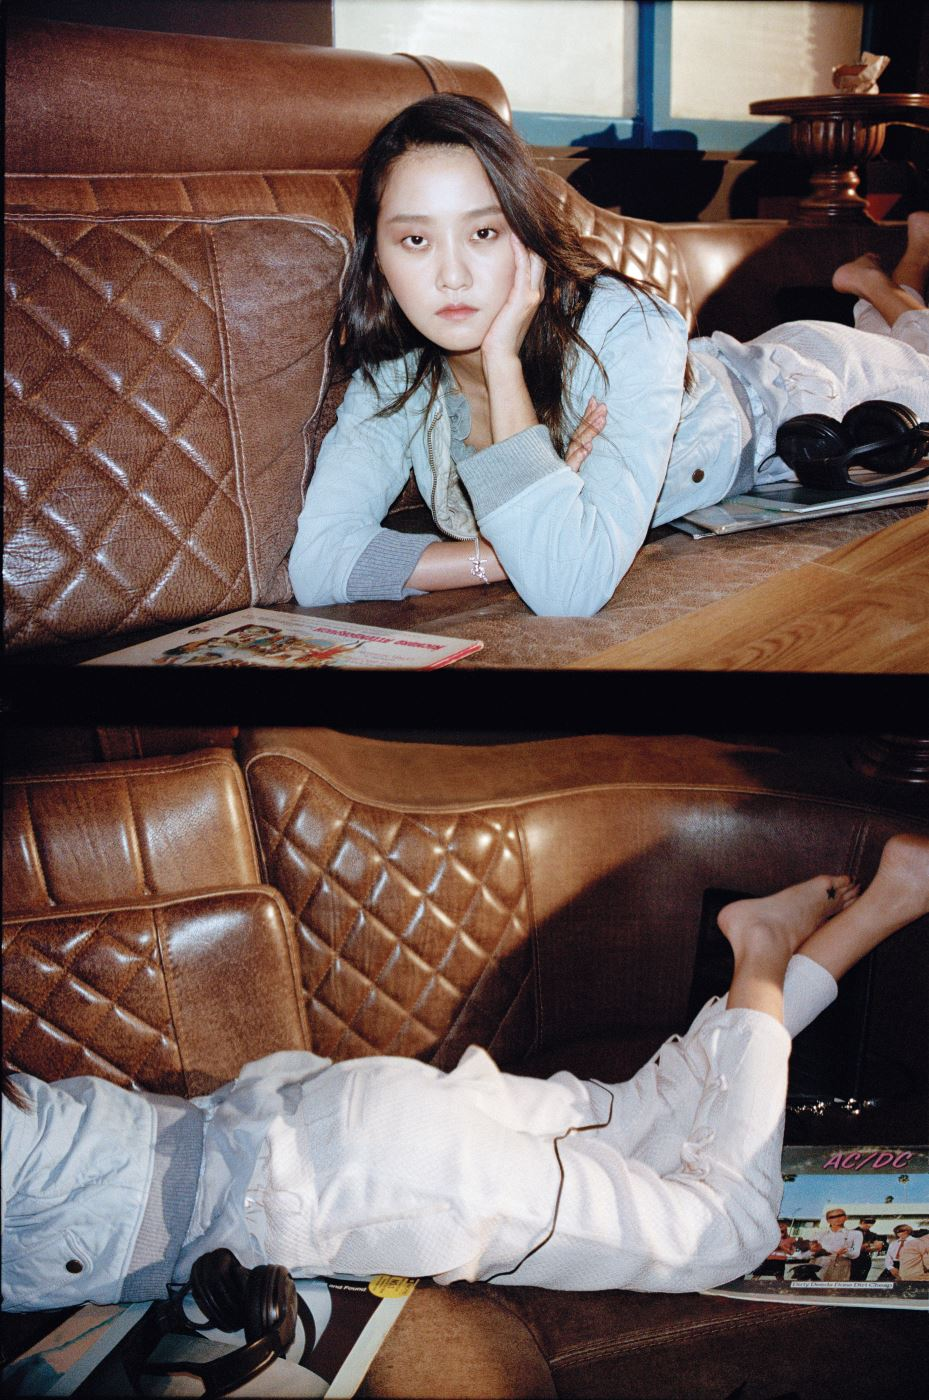 하늘색 가죽 블루종과 프릴 장식 시폰 톱, 팬츠, 검정 페이(Faye) 숄더백은 모두 Chloe 제품.